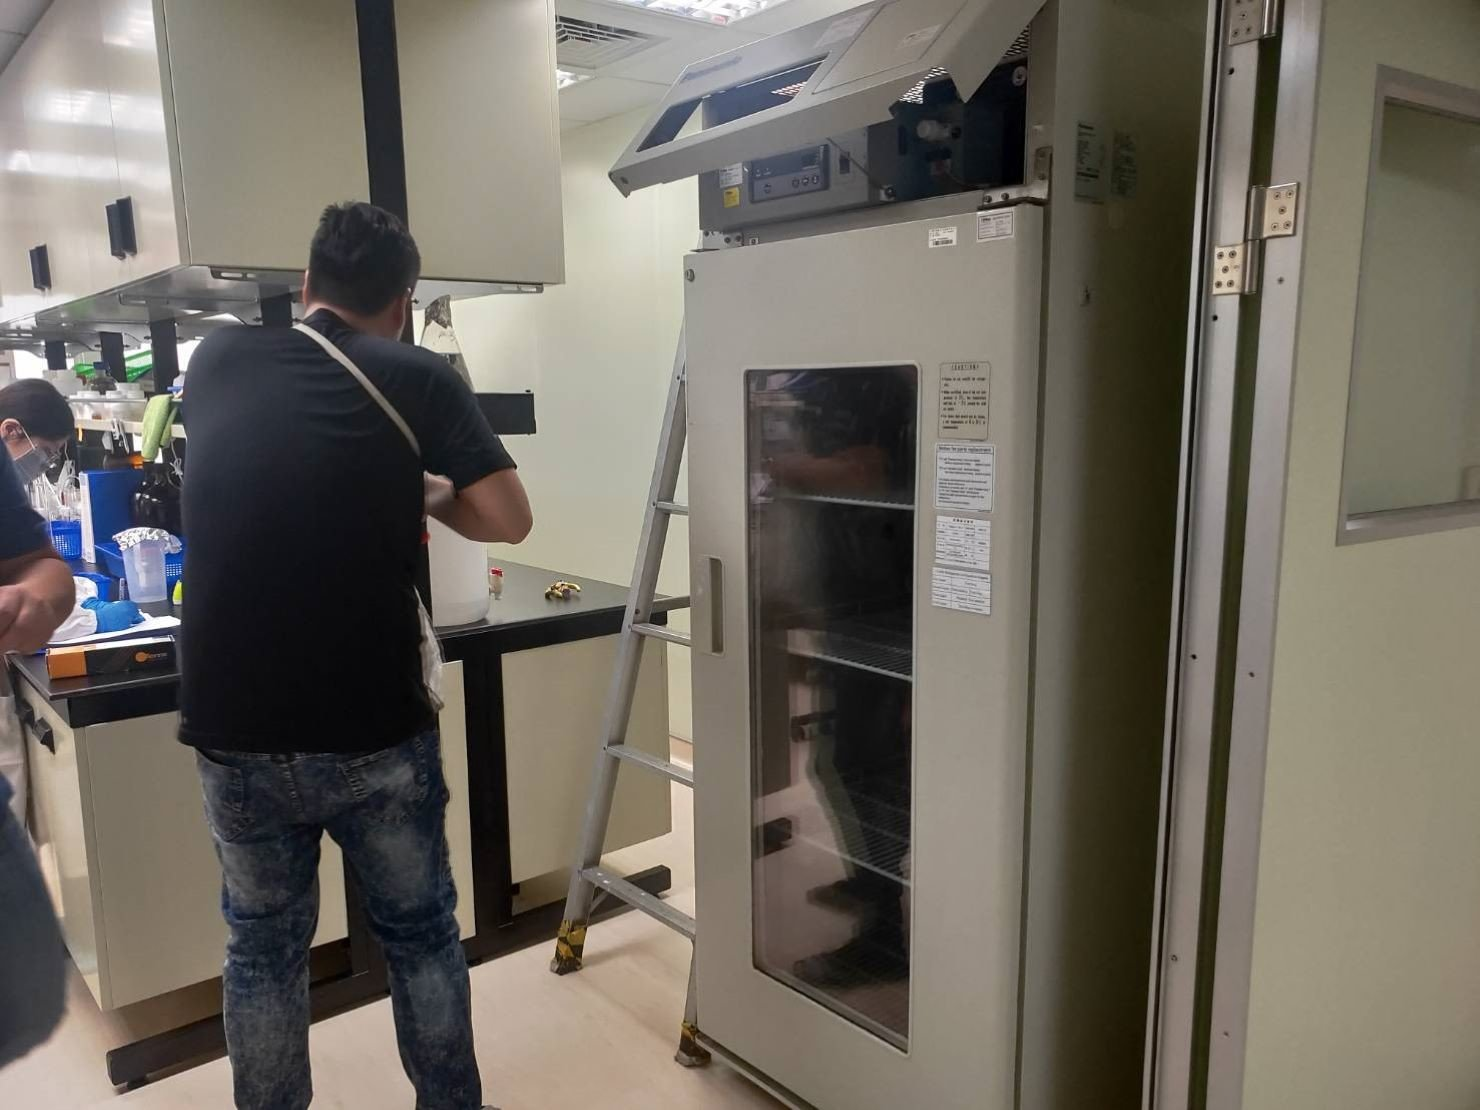 搬家公司【榮福搬家公司】搬冰箱值得您的信賴與選擇:重達200公斤以上的實驗室冷凍冰箱,就交給專業的榮福搬家來搬運。